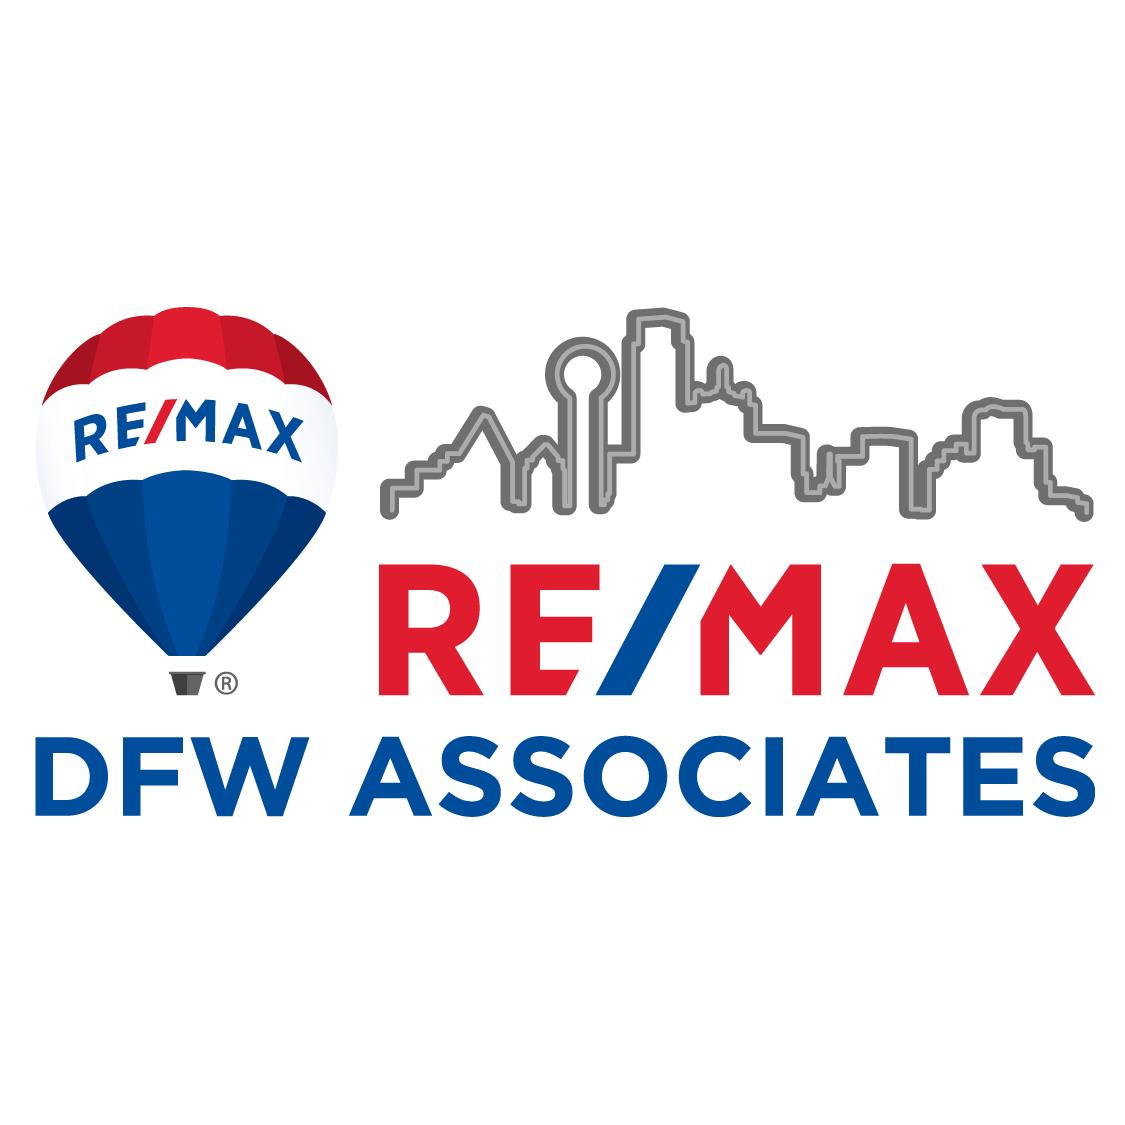 Sheri Stevenson, Realtor-RE/MAX DFW Associates - Irving, TX 75063 - (972)402-4163 | ShowMeLocal.com